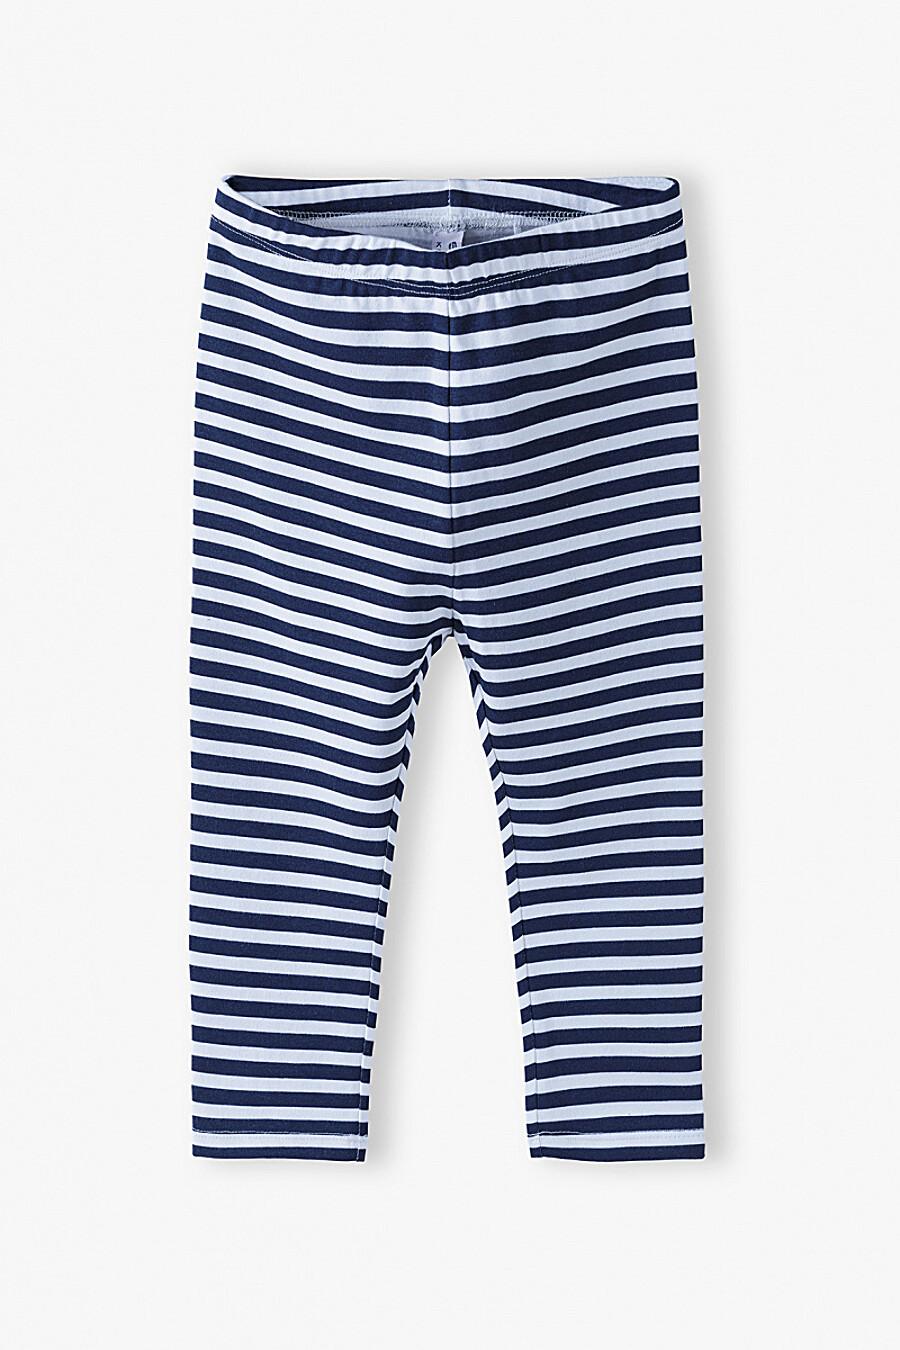 Леггинсы для девочек 5.10.15 668546 купить оптом от производителя. Совместная покупка детской одежды в OptMoyo